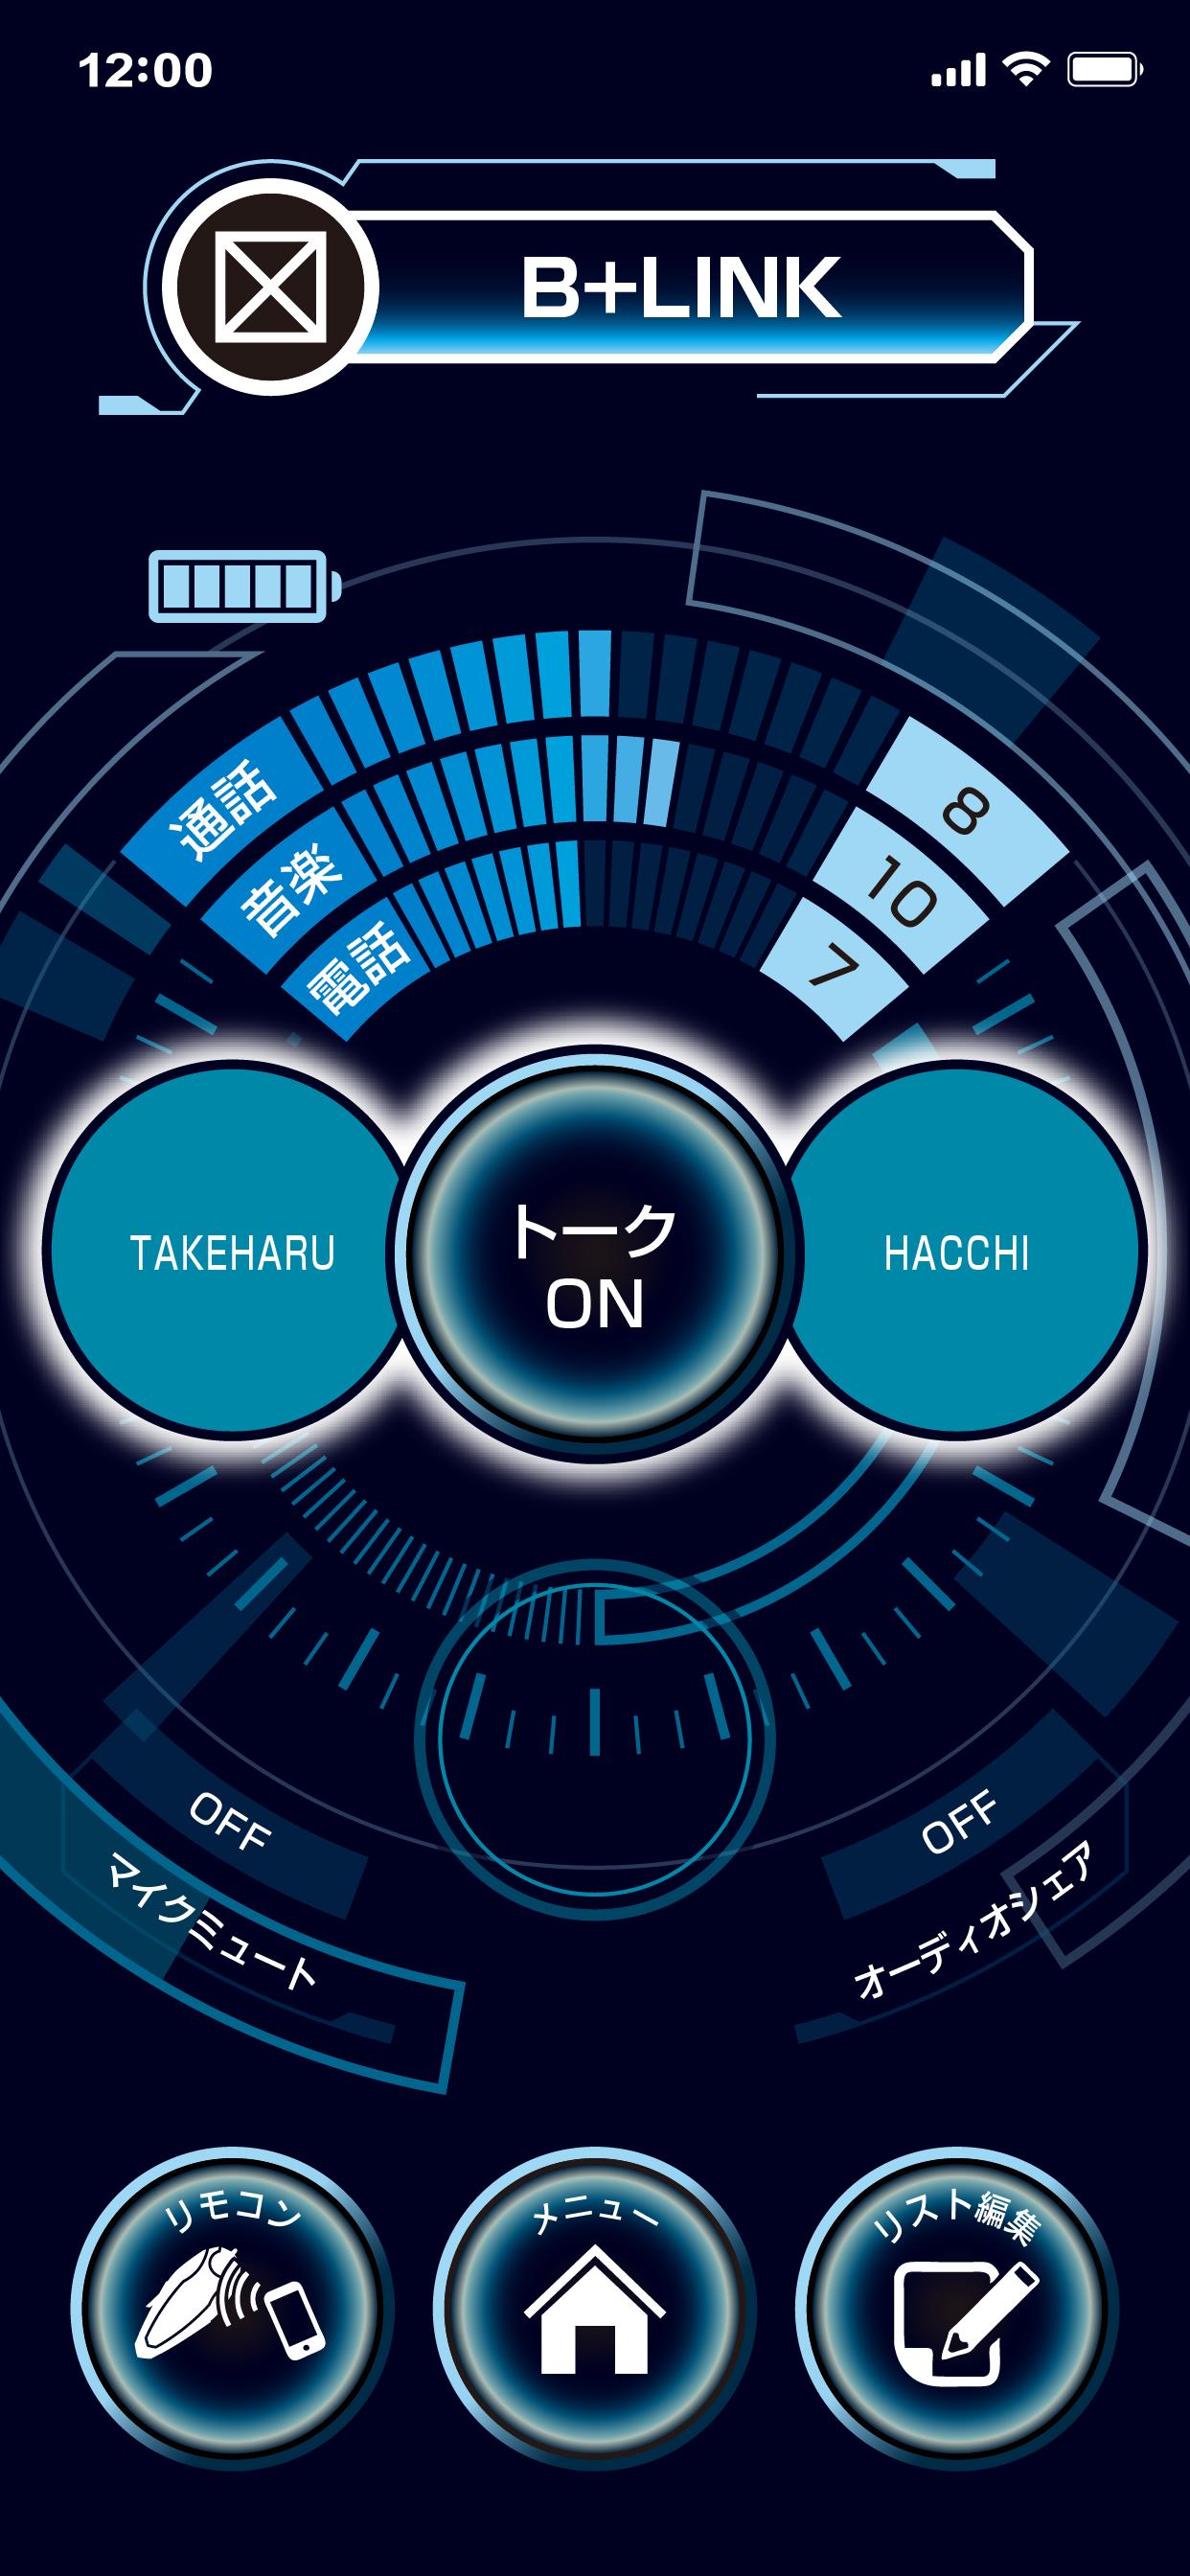 B+LINKモニター画面